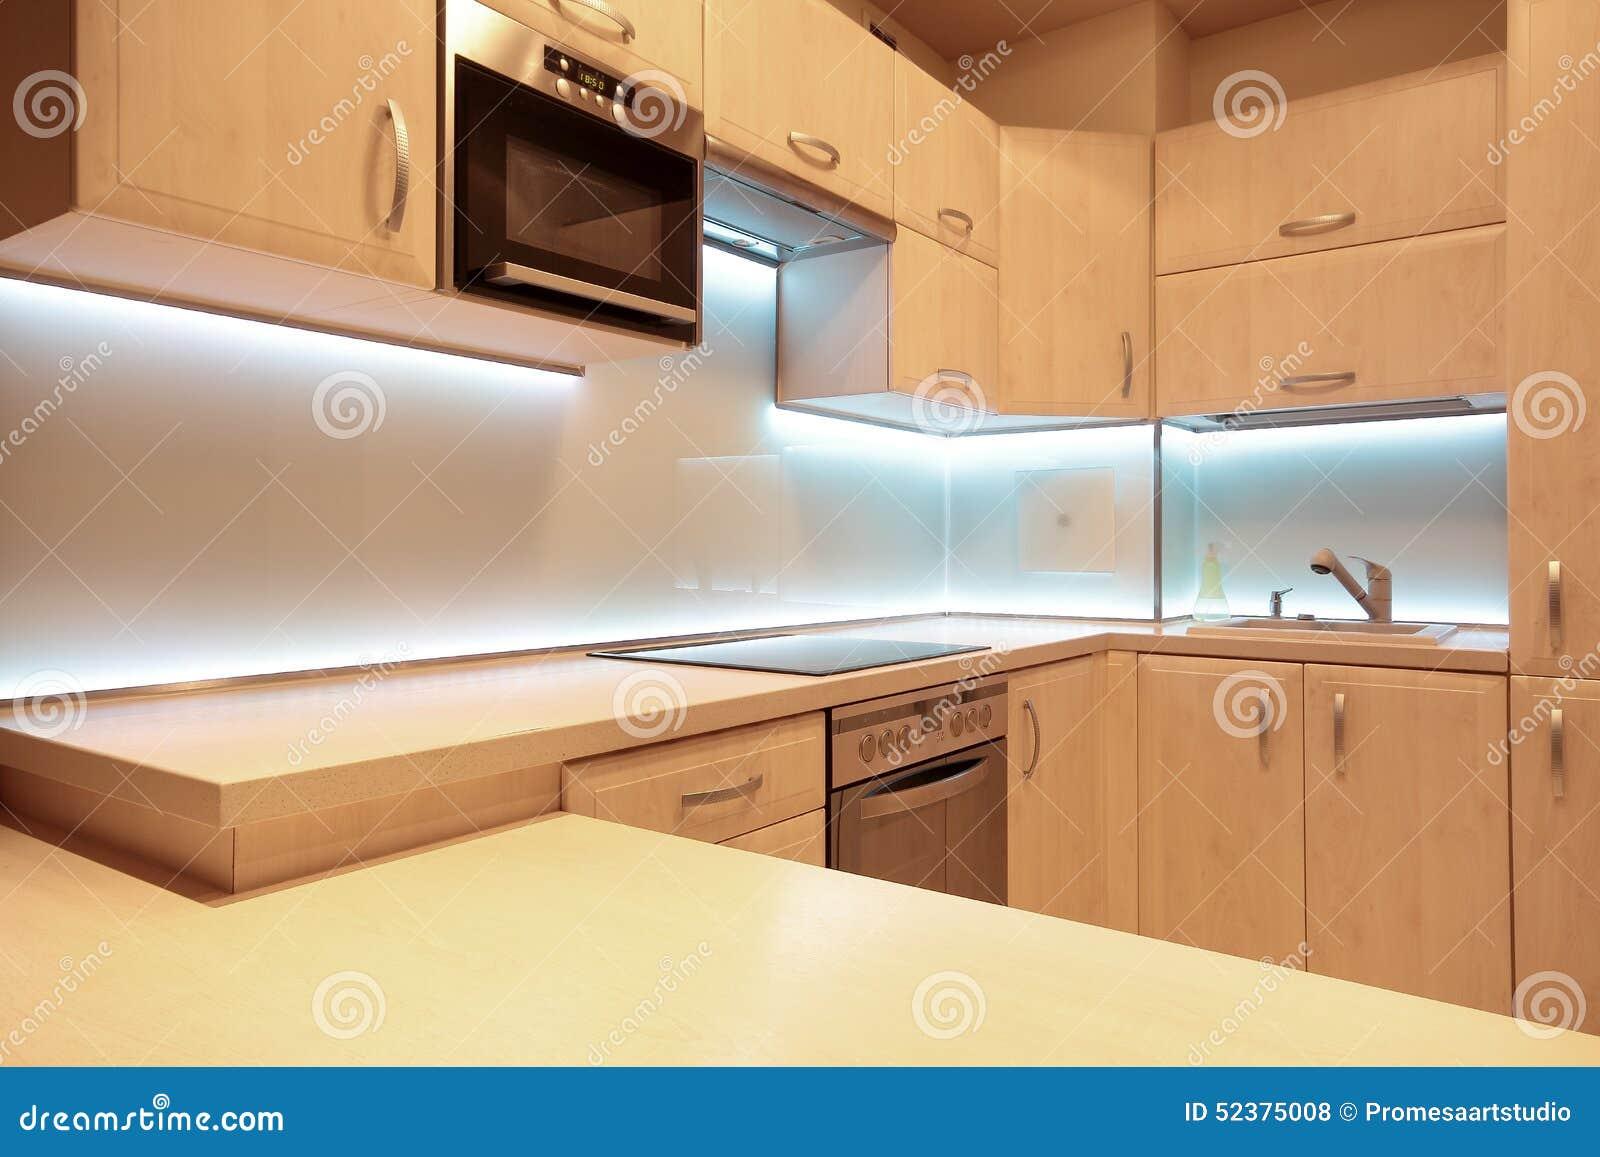 Cucina di lusso moderna con illuminazione bianca del led